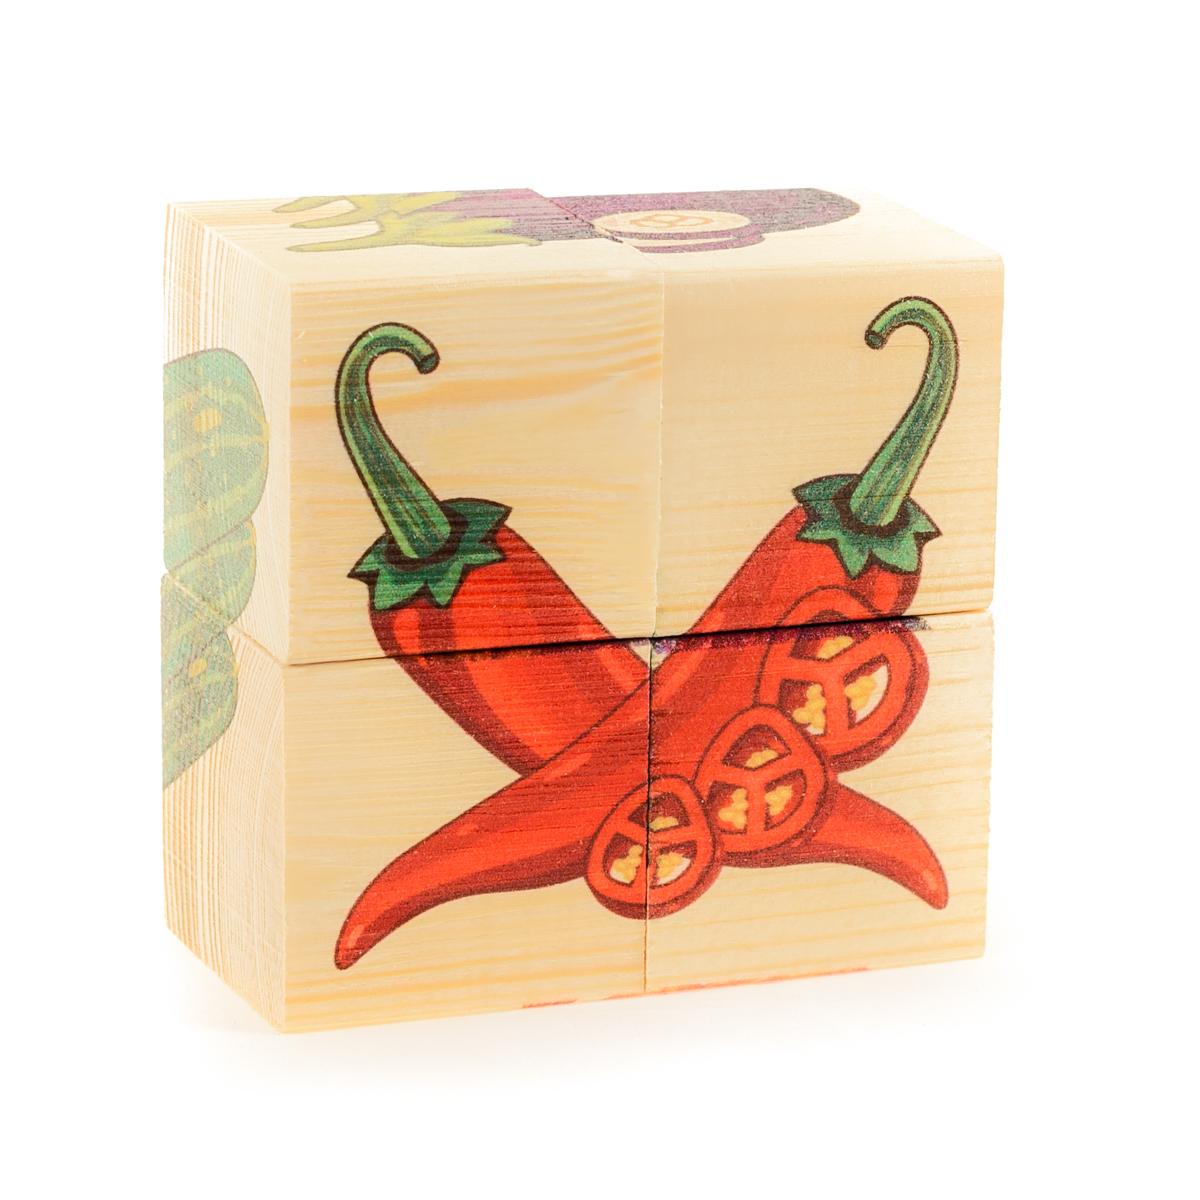 Развивающие деревянные игрушки Кубики ОвощиД484аКубики из натурального дерева - любимая игрушка каждого ребенка. Кубики обожают дети. Игру с кубиками в детстве с удовольствием и теплом вспоминают взрослые. Для кубиков серии Развивающие деревянные игрушки используется только натуральное отечественное дерево мягких пород с минимальной обработкой, что позволило максимально сохранить ощущение фактуры дерева и его аромата. Яркие, контрастные и понятные ребенку иллюстрации нанесены экологичными красками. Кубики из дерева - не только прекрасный строительный материал для вполощения детских фантазий, но и удобное пособие для развития зрительной памяти, логики и мелкой моторики у детей. Объясните ребенку, что на каждой грани кубика нанесена часть картинки, а если 4 картинки собрать вместе, получится изображение. Покажите ему пример. С помощью набора Собери рисунок. Кубики-пазл. ОВОЩИ можно собрать 6 разных изображений овощей. ВНИМАНИЕ! Детали игрушки выполнены из натурального дерева (деревоматериала) без покрытия лаками или другими...